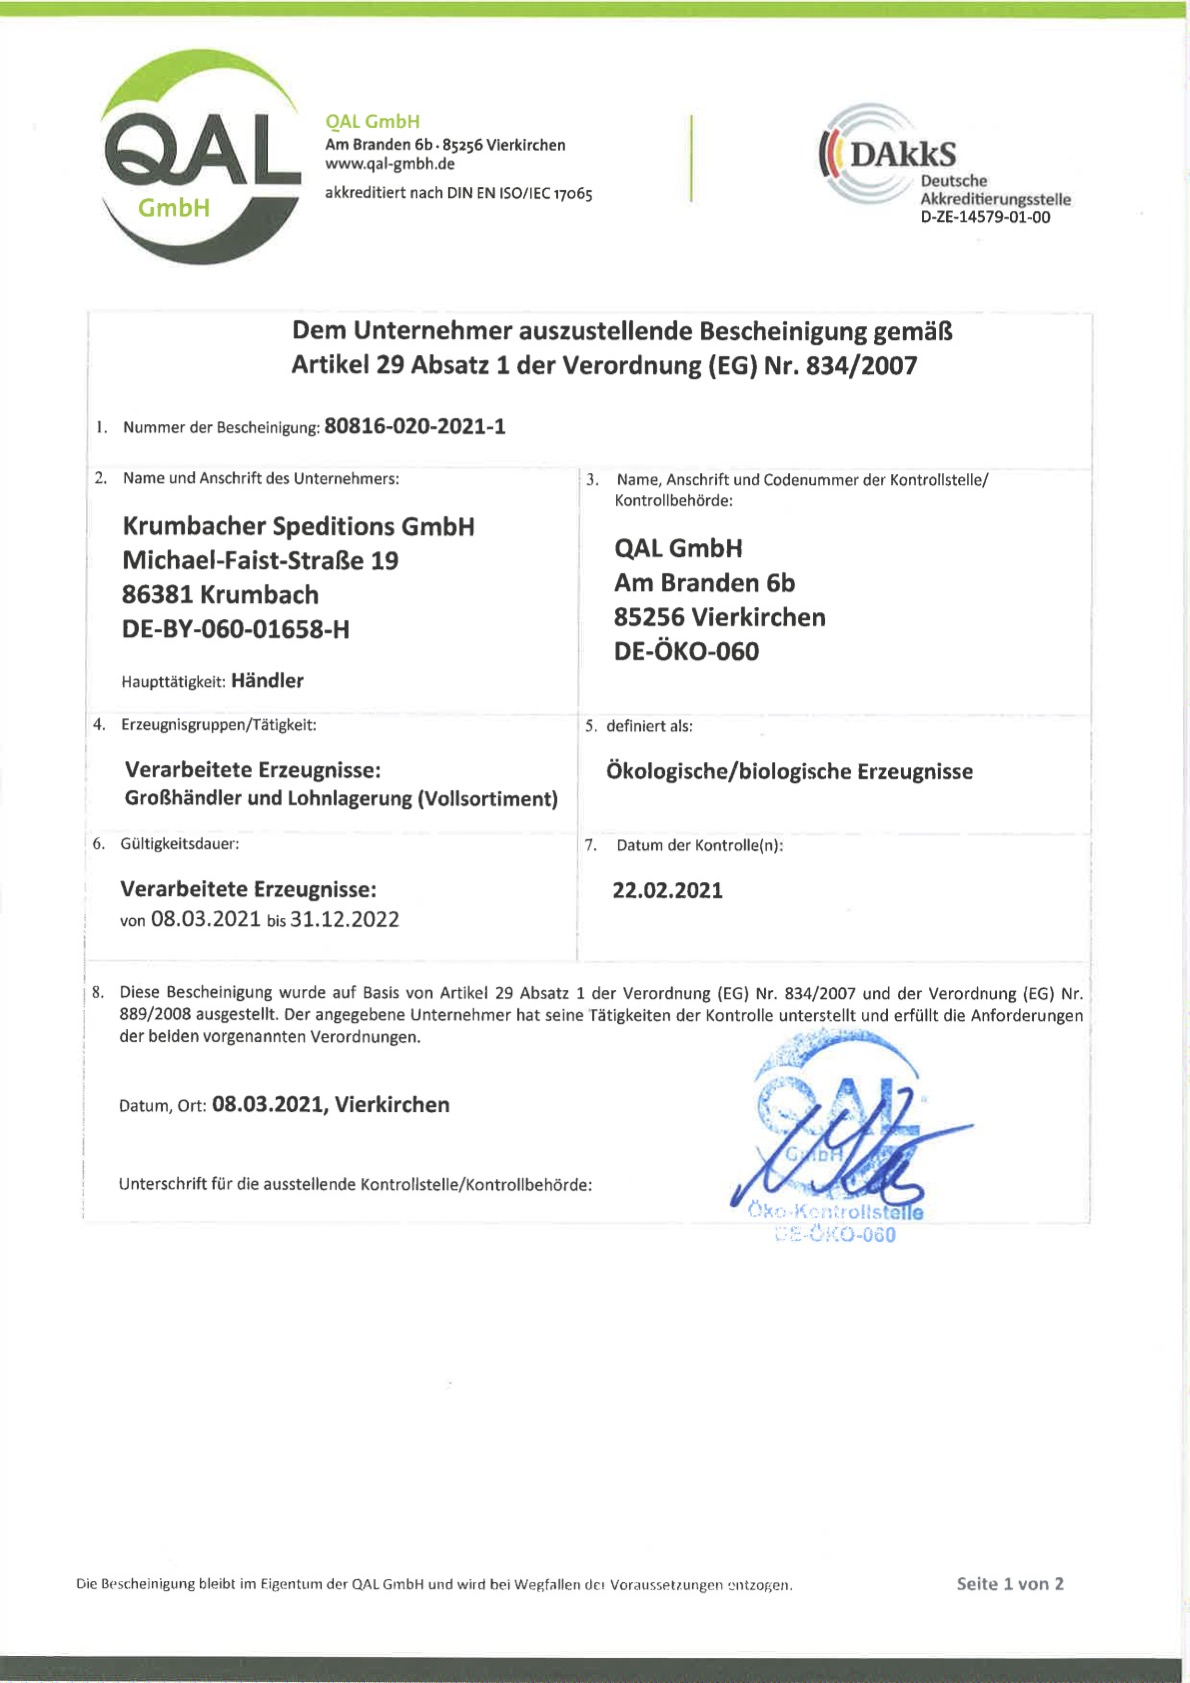 bescheinigung-vo-eg-nr.-834_2007-2021